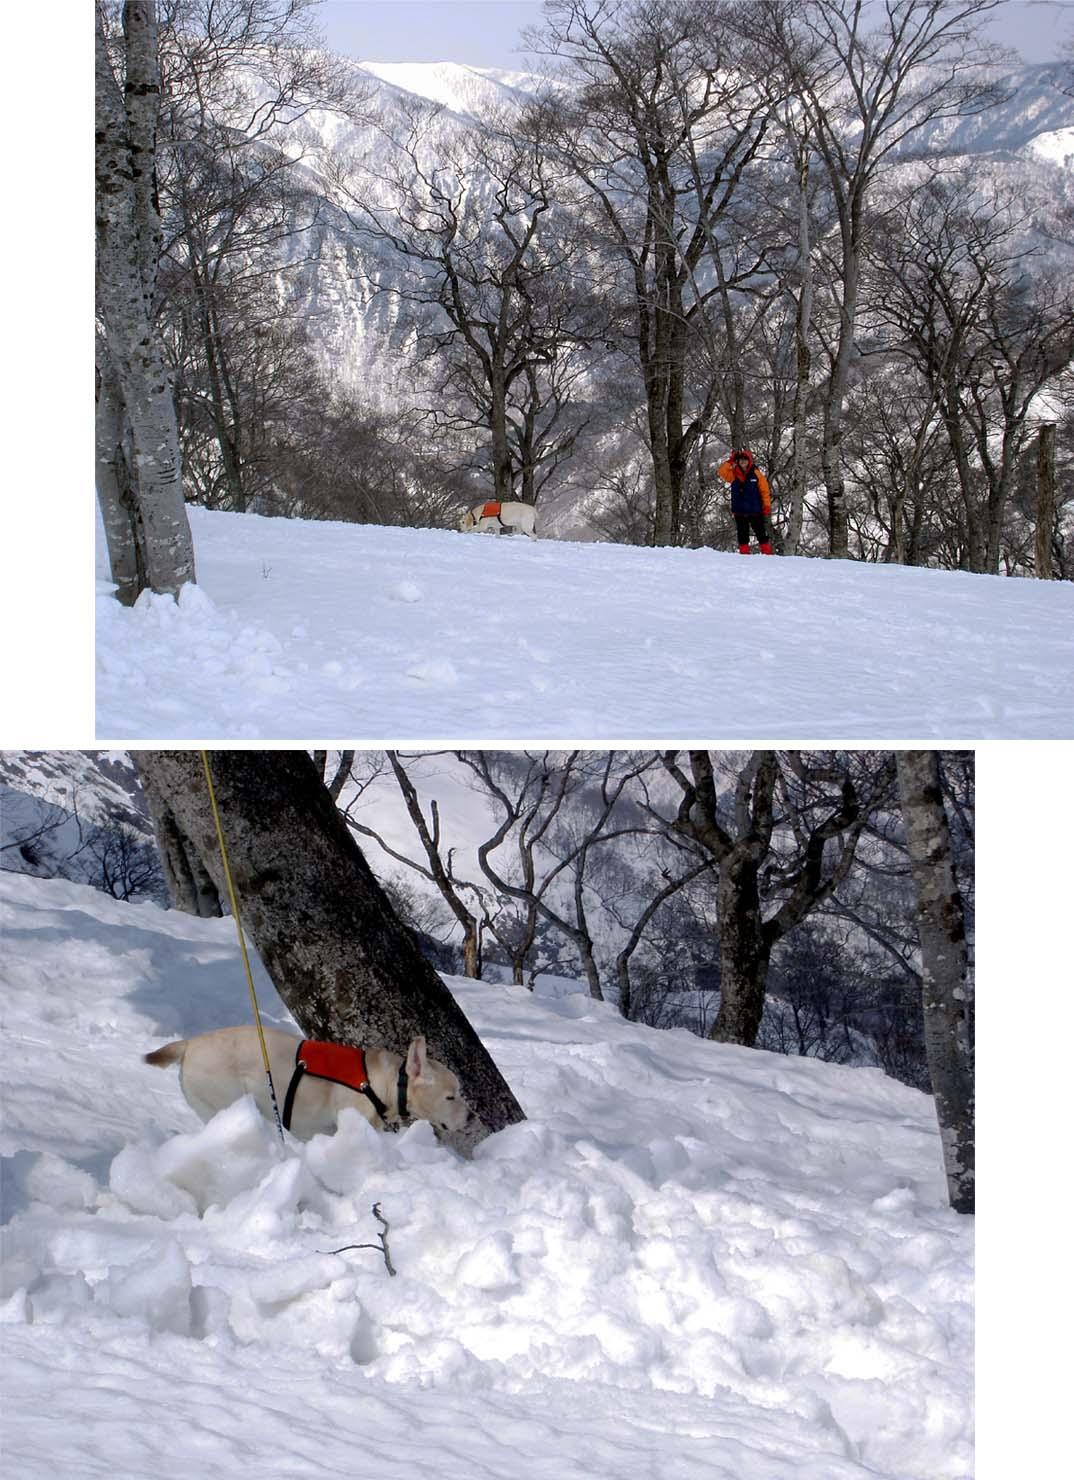 雪中訓練Ⅱ(16) 埋没者捜索